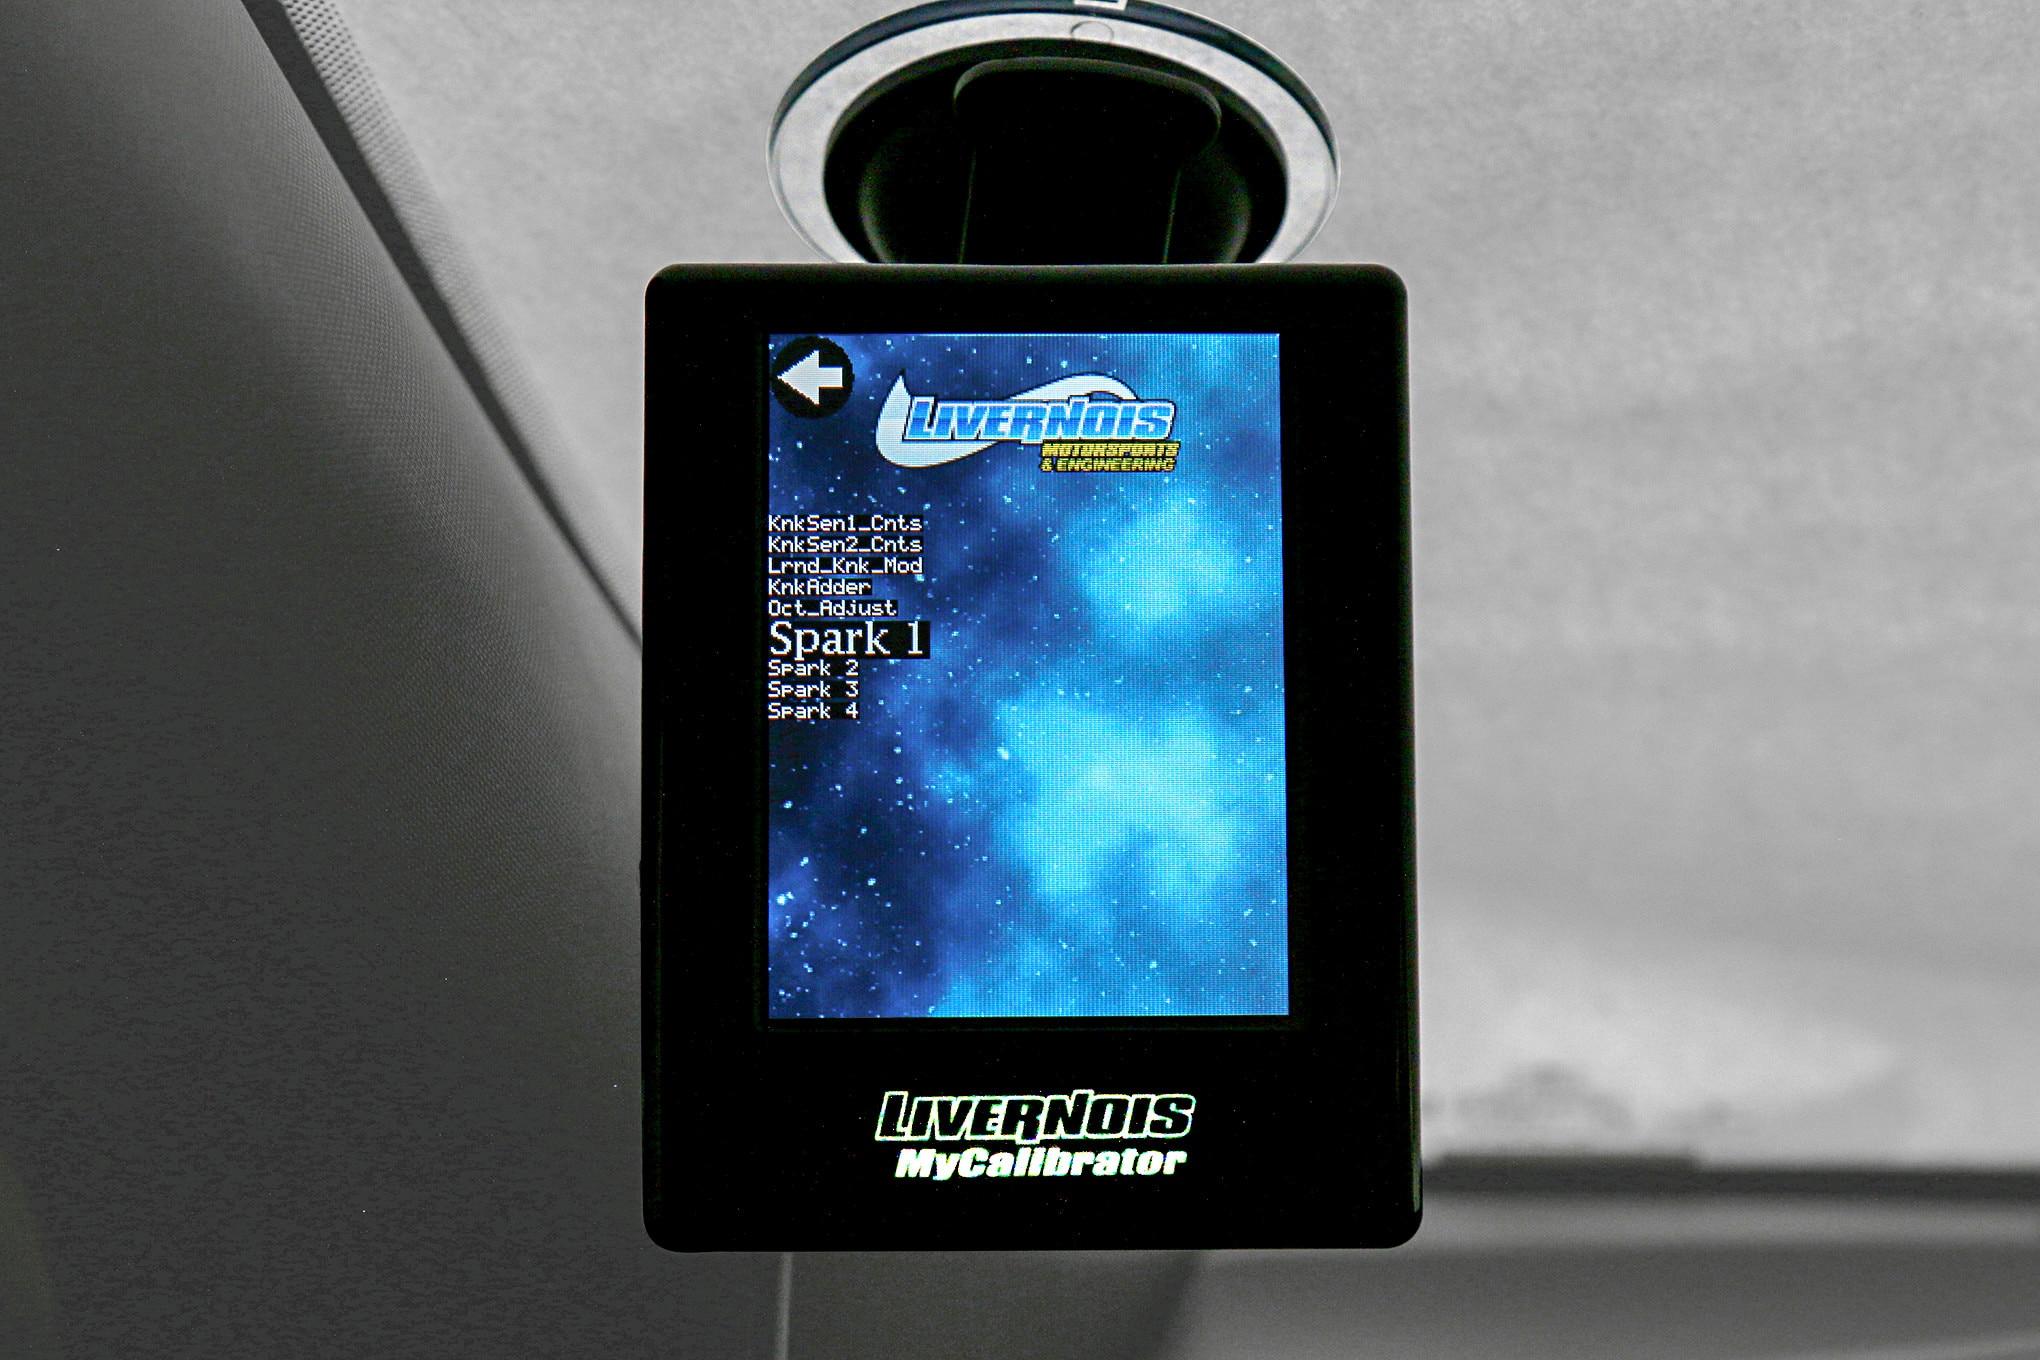 011 My Calibrator Tune Fusion SportX